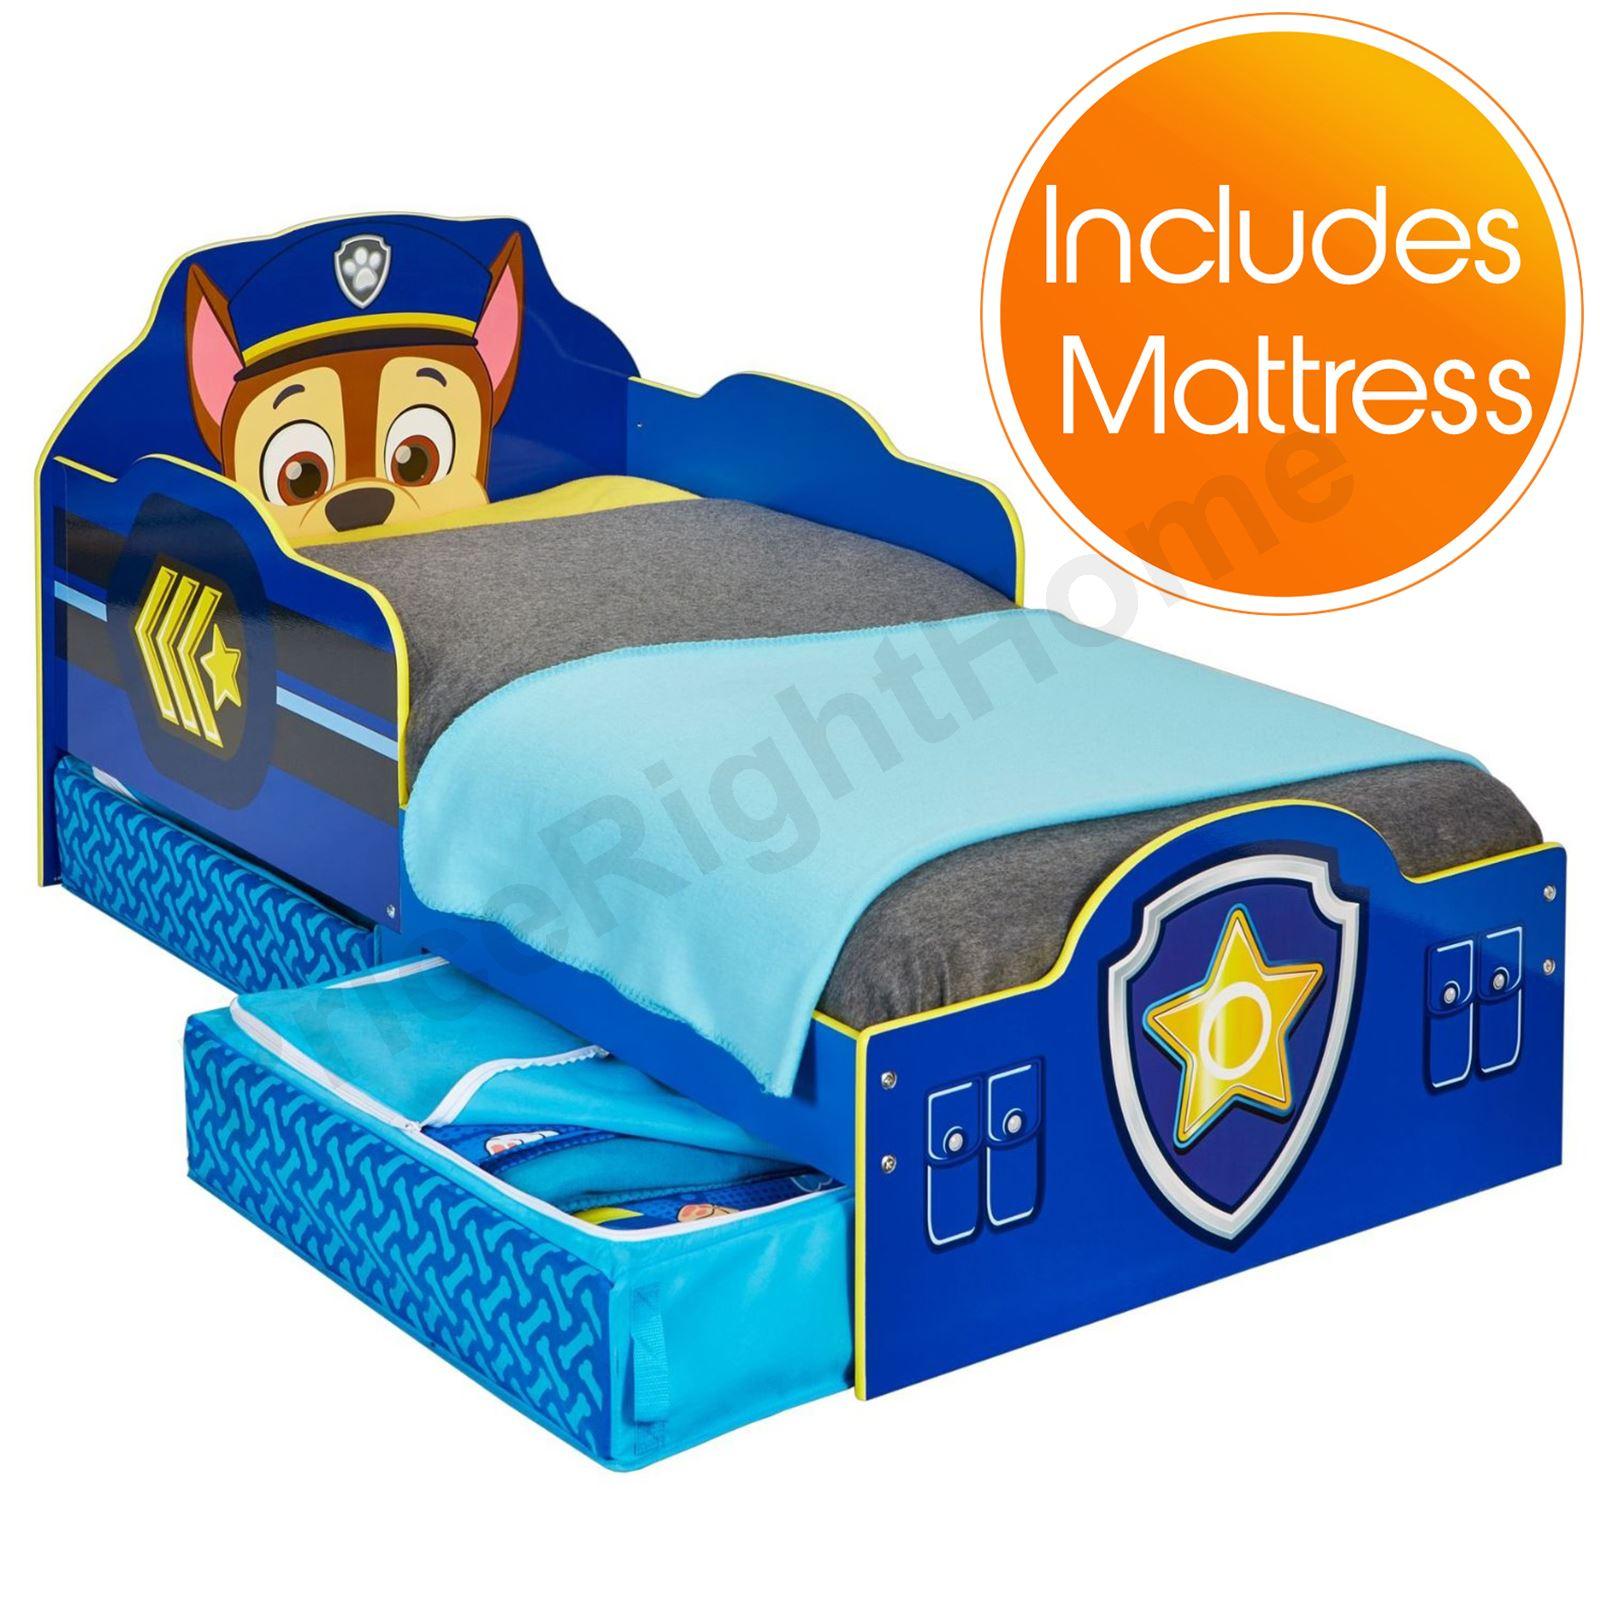 paw patrol chase kleinkind bett mit lager plus luxus schaum neue matratze ebay. Black Bedroom Furniture Sets. Home Design Ideas